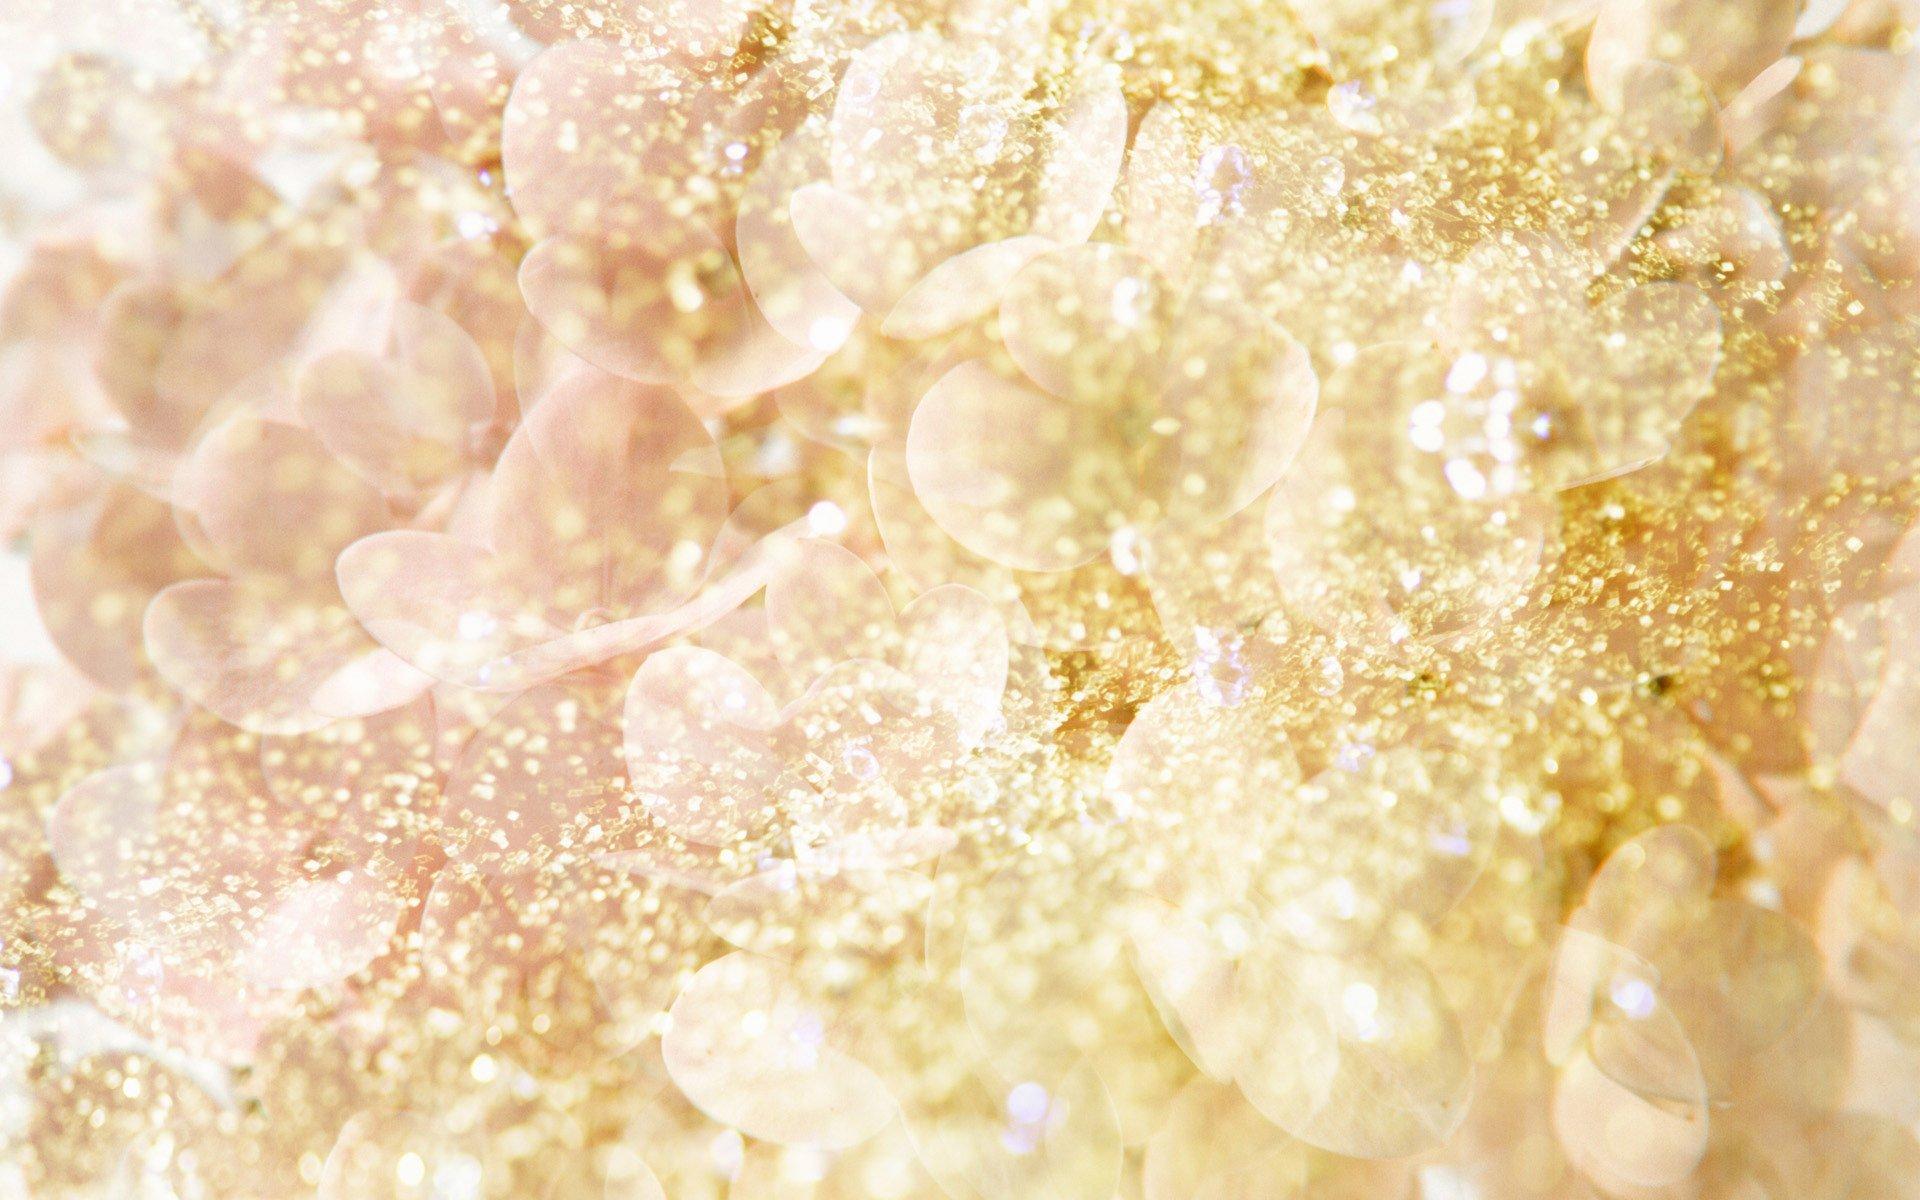 розовый с золотым картинки венчанием прозе